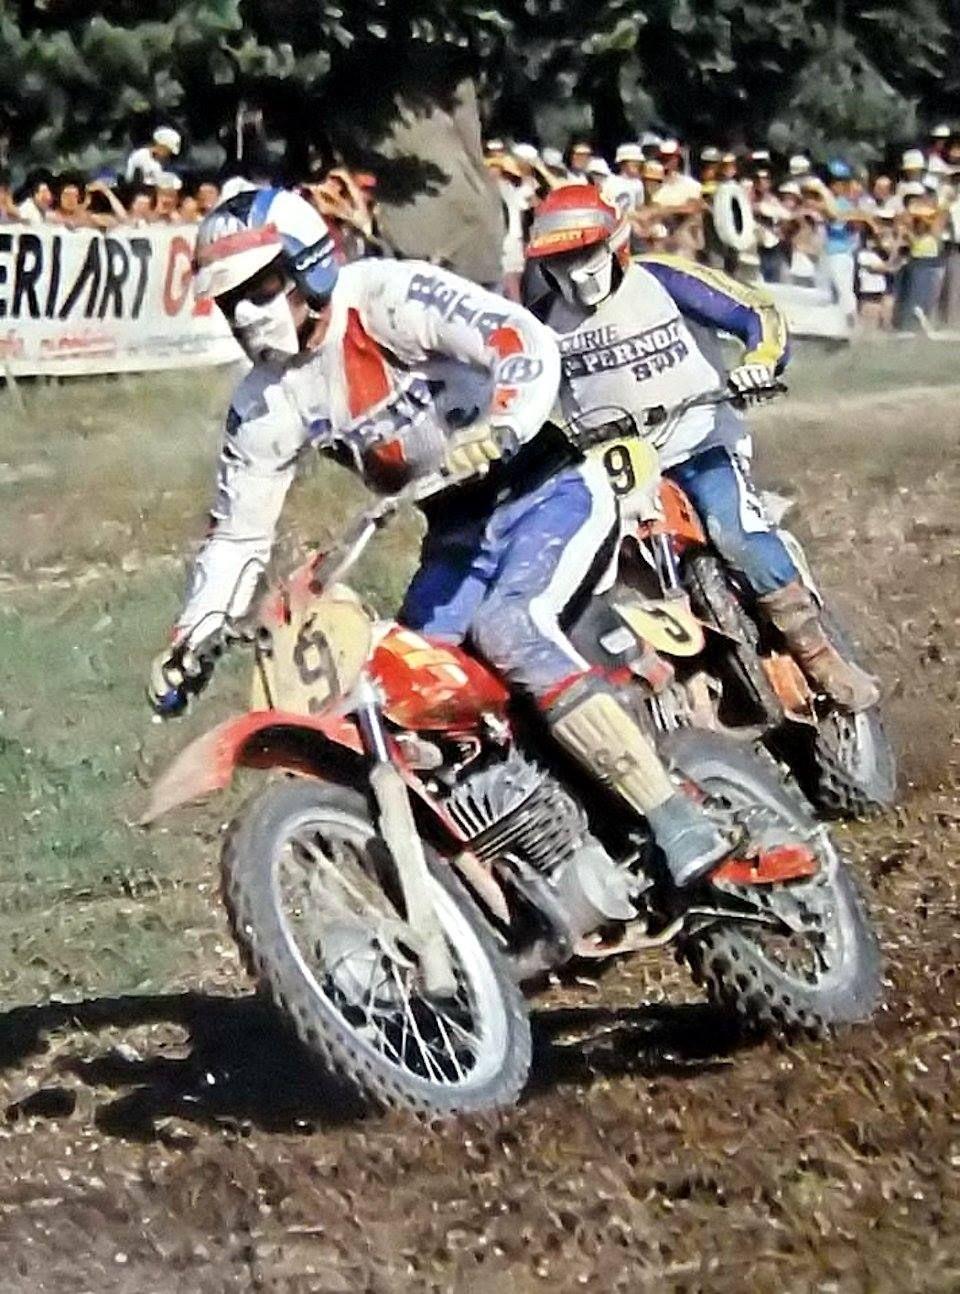 Jim Pomeroy Beta Cr 500 1979 Motocross Coches Y Motocicletas Motos